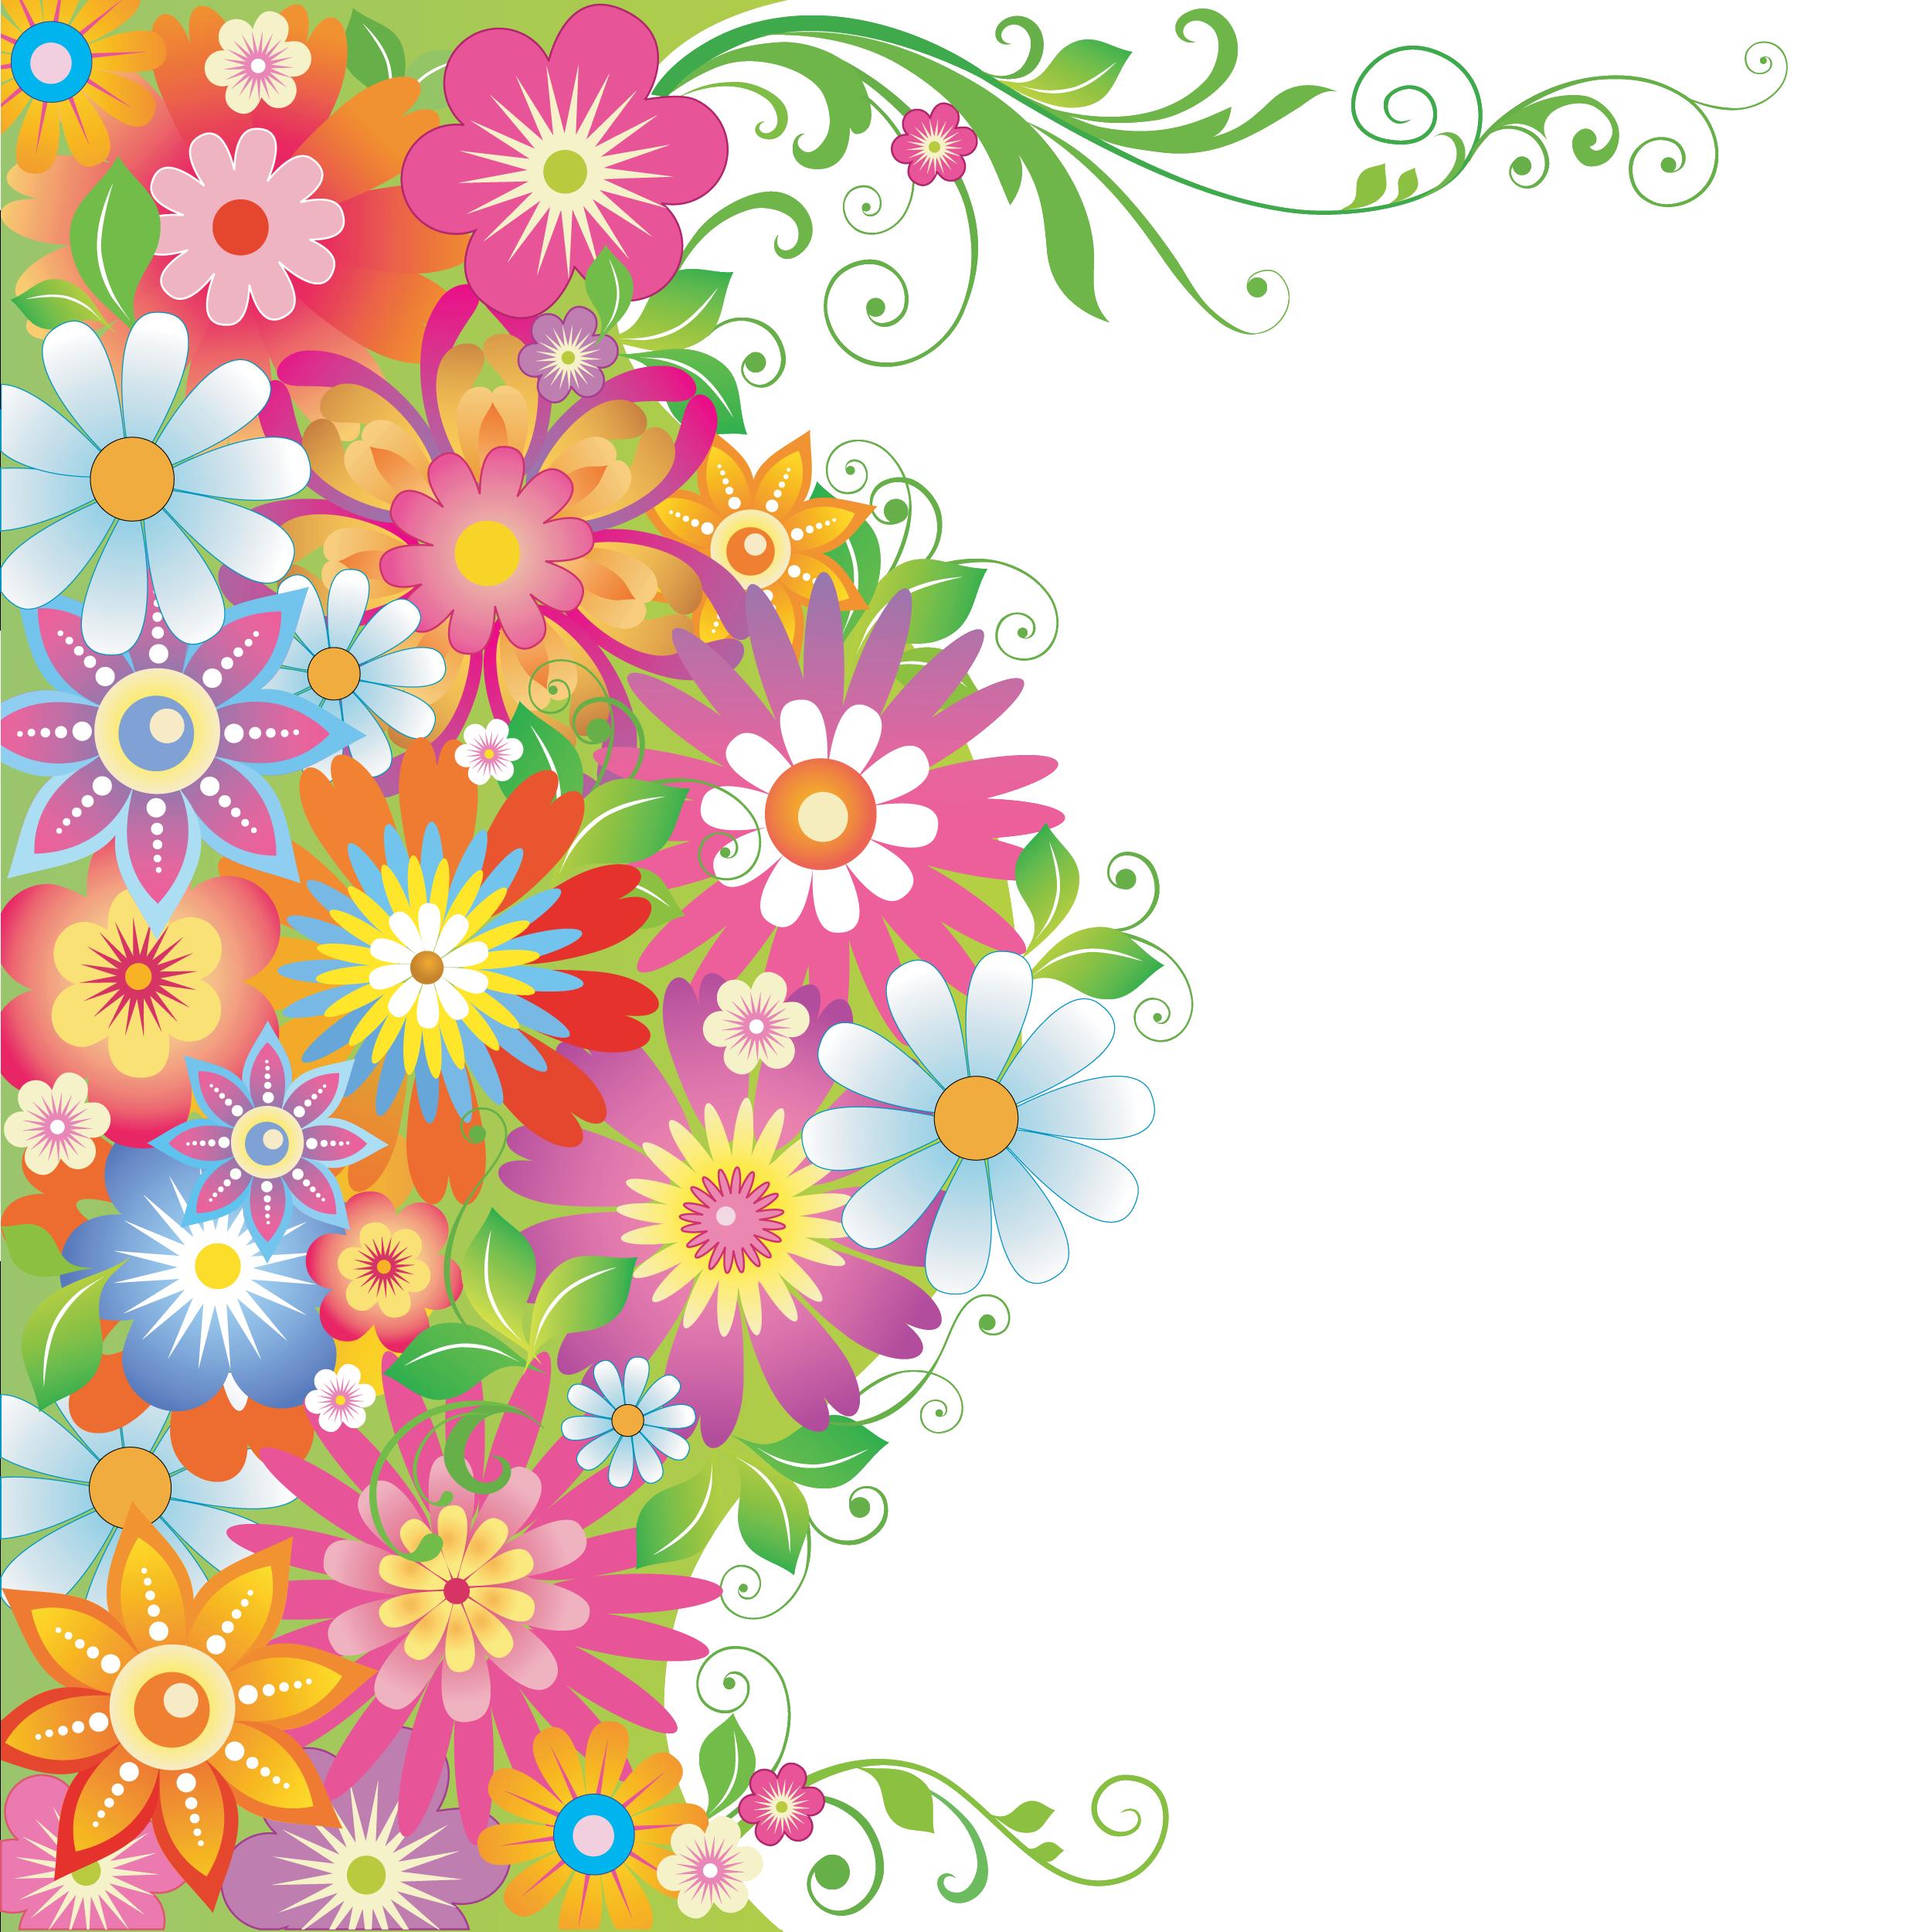 花のイラスト・フリー素材/壁紙・背景no.575『カラフルフラワー・茎葉』